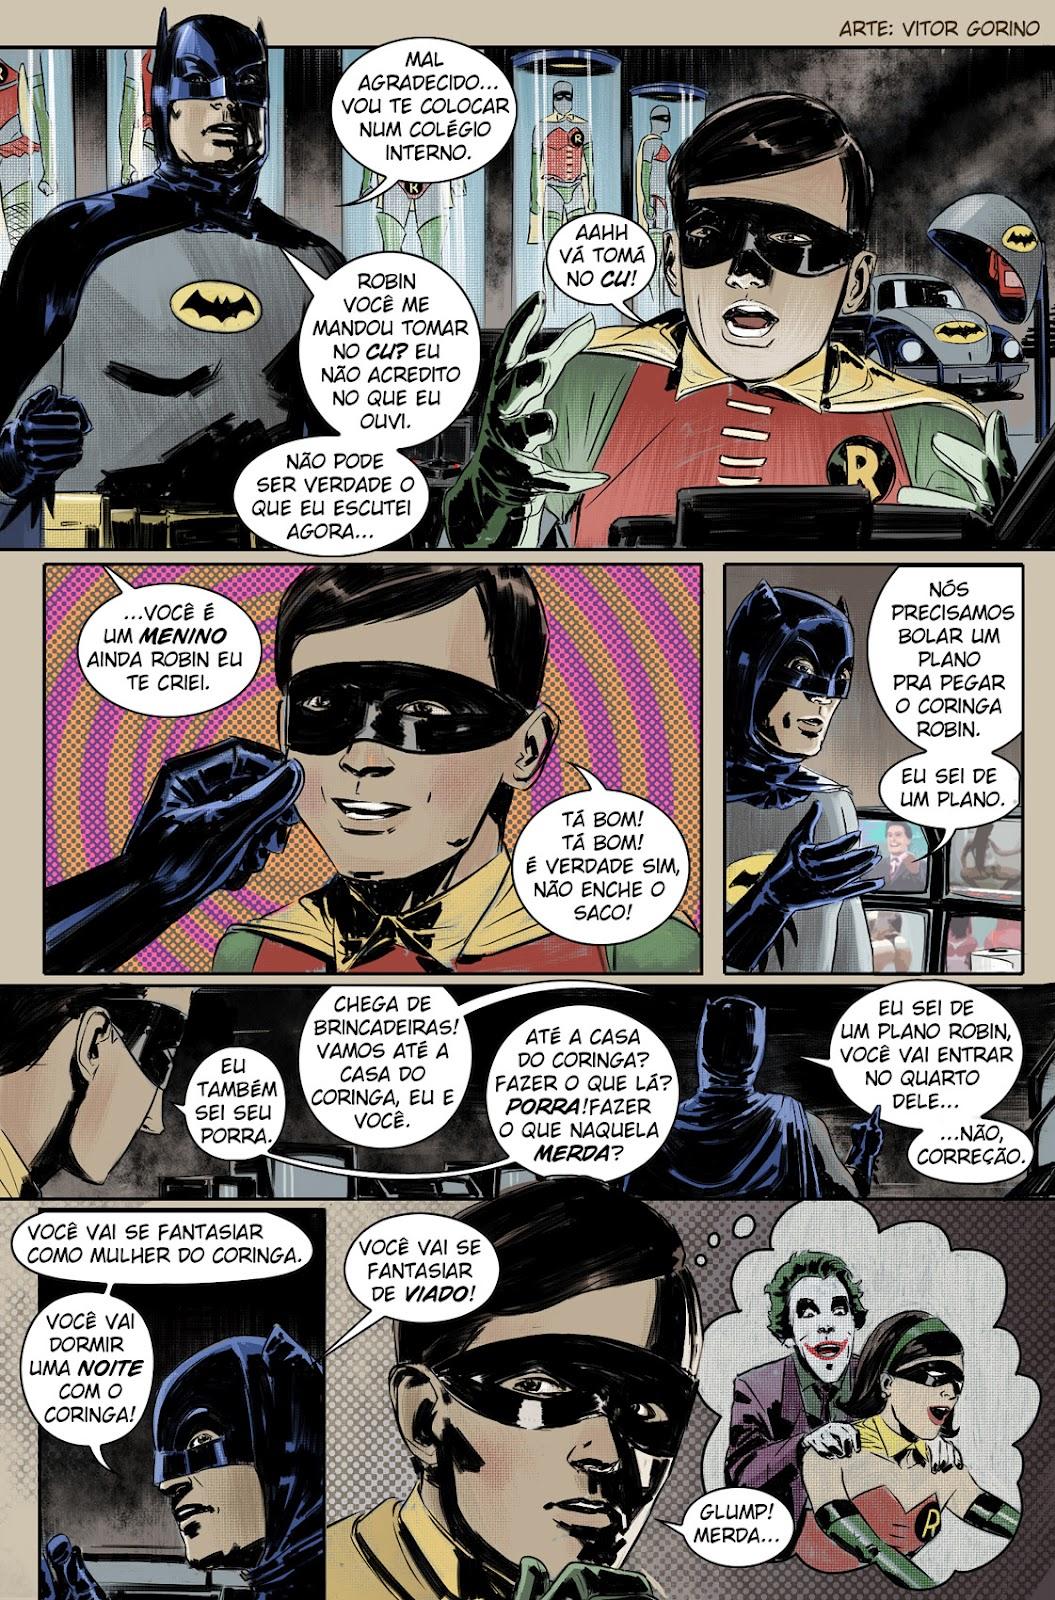 [Tópico Oficial] Batman na Feira da Fruta em Quadrinhos Feira+da+fruta+fruta+7